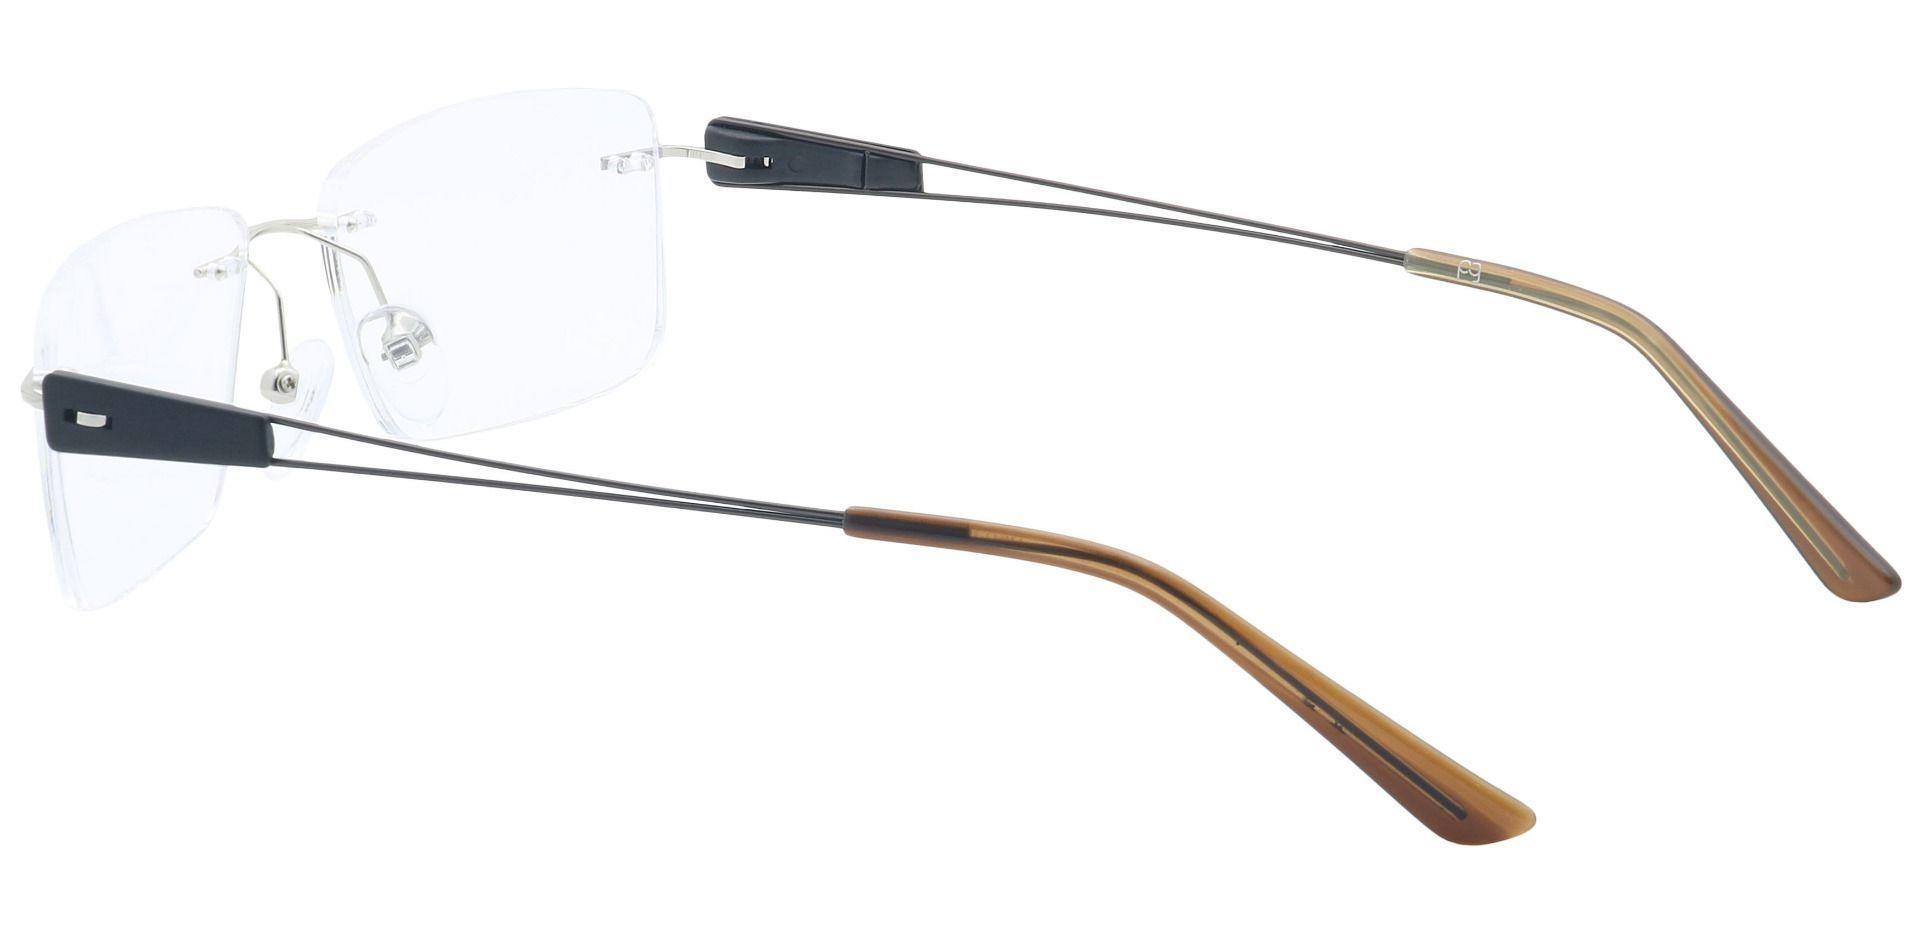 River Rimless Non-Rx Glasses - Clear